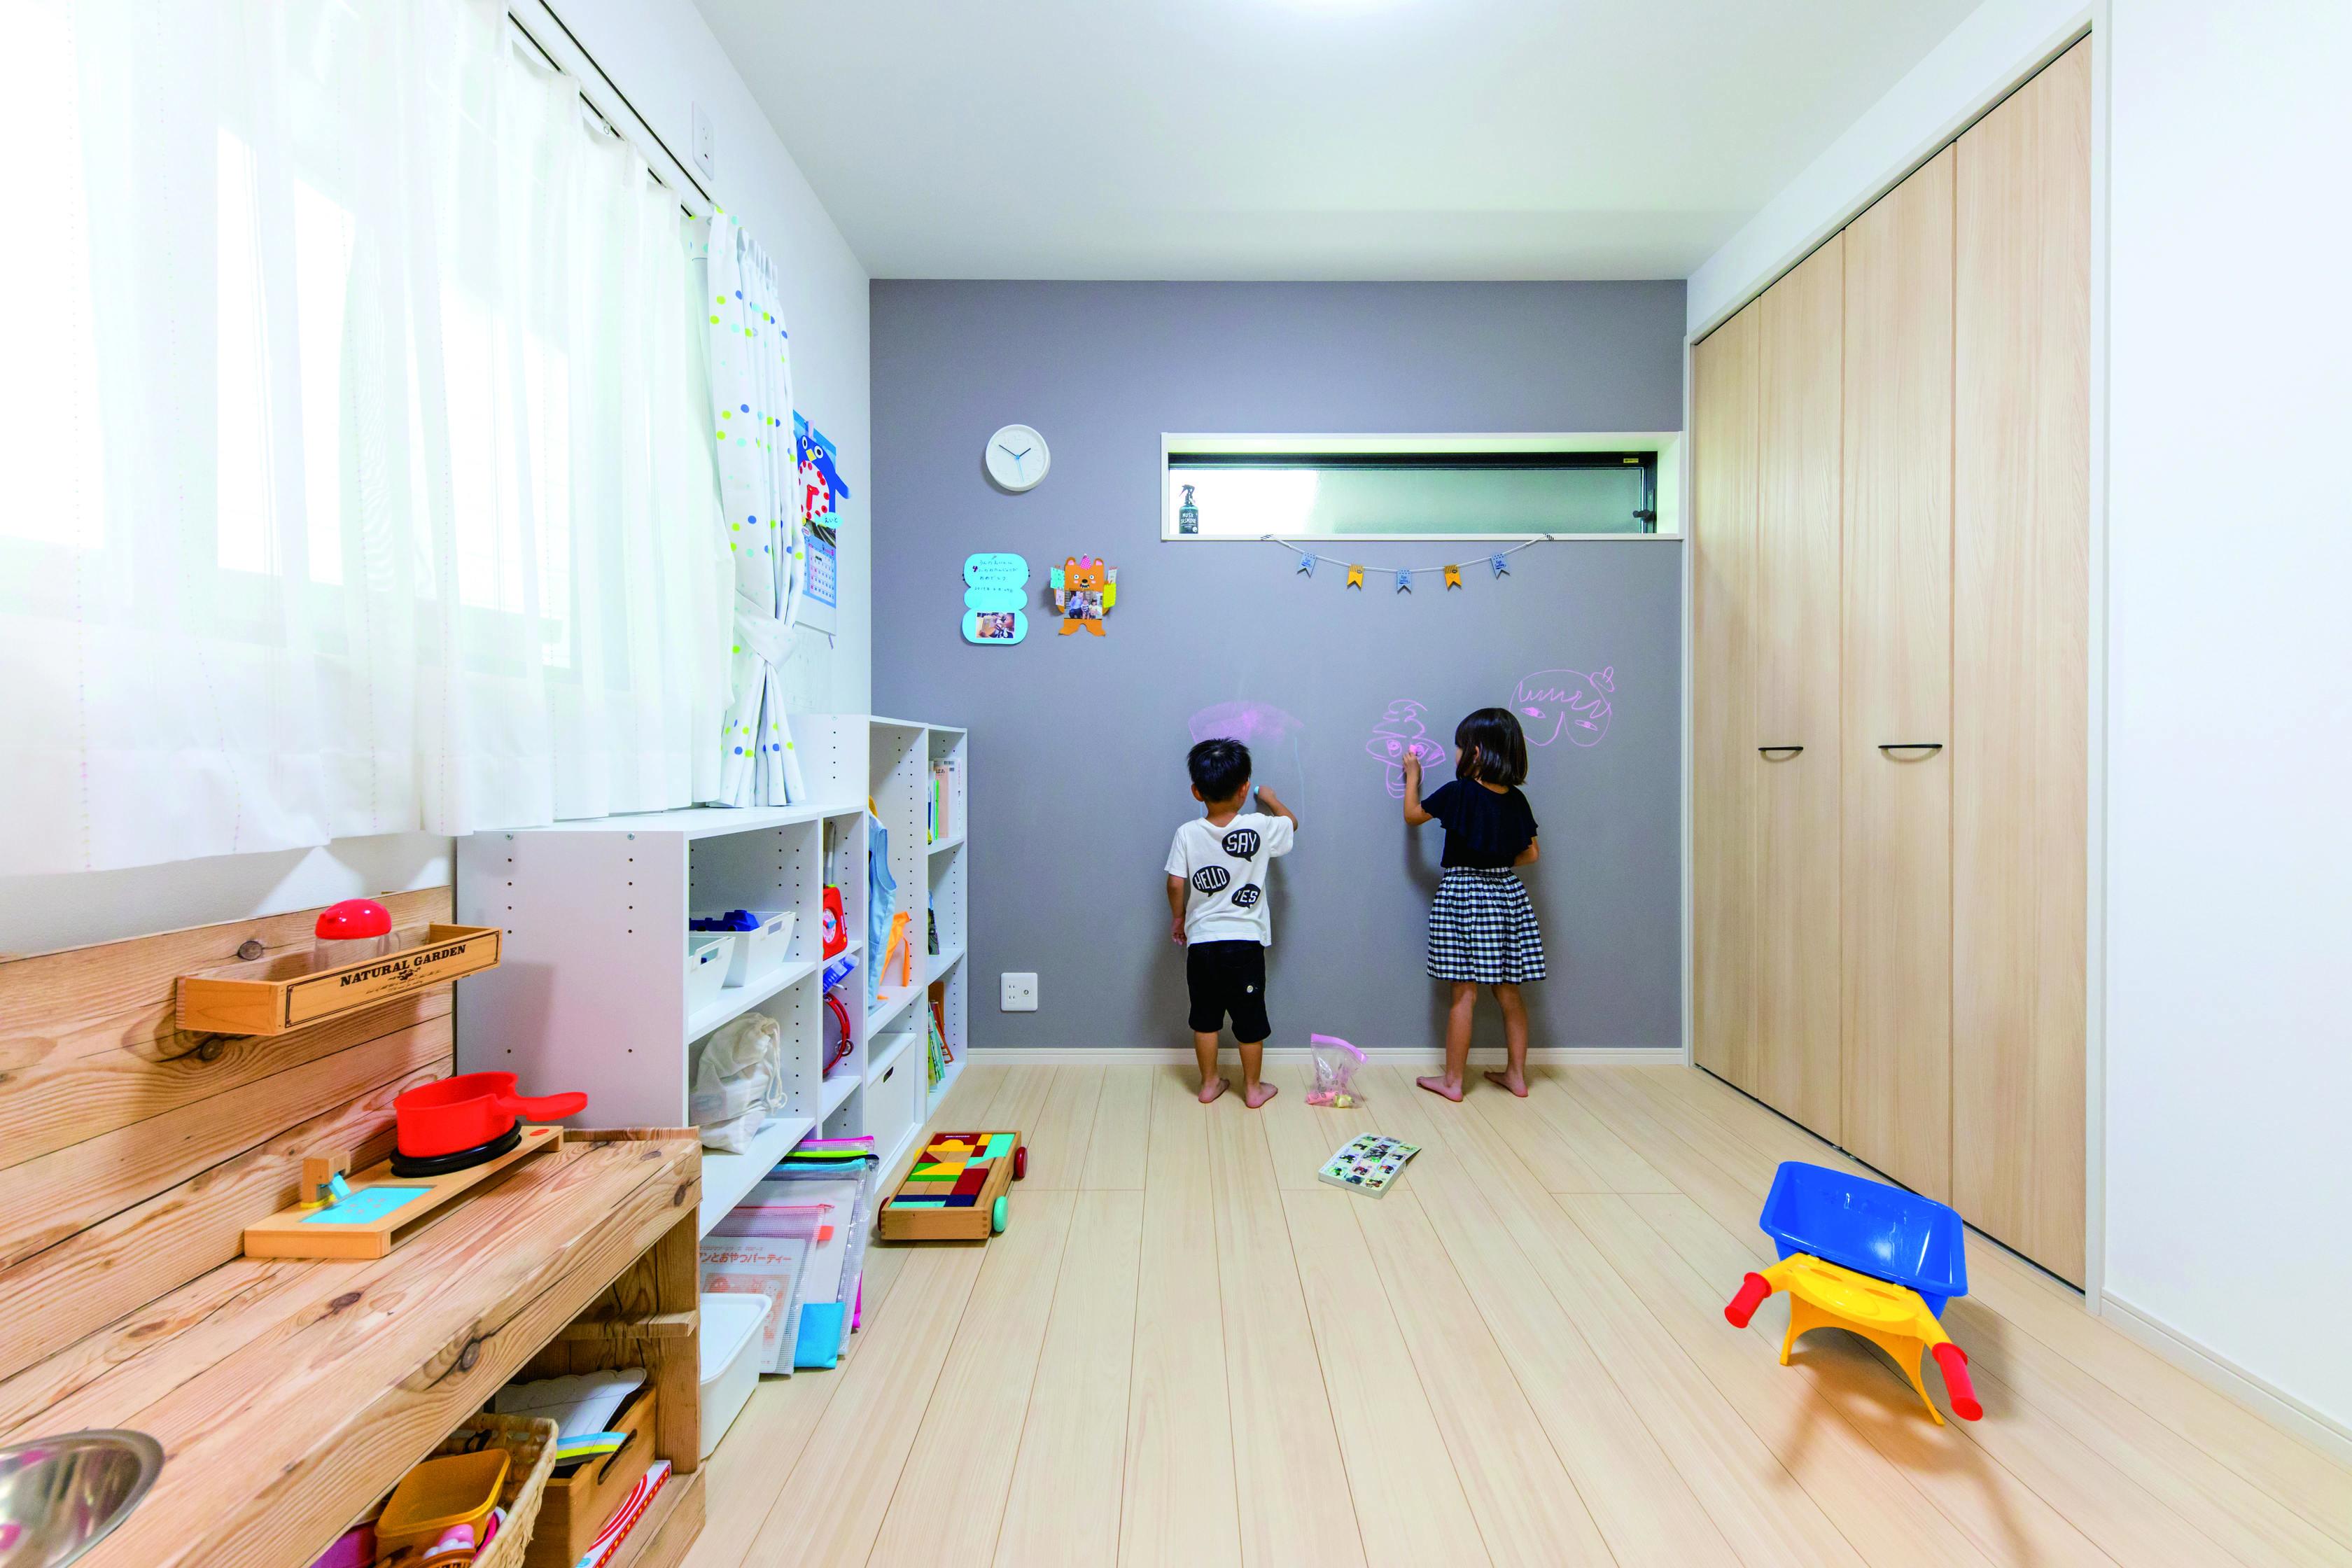 甲静ハウジング【子育て、収納力、狭小住宅】子ども部屋の壁には何度もお絵かきが出来、遊び心が満載